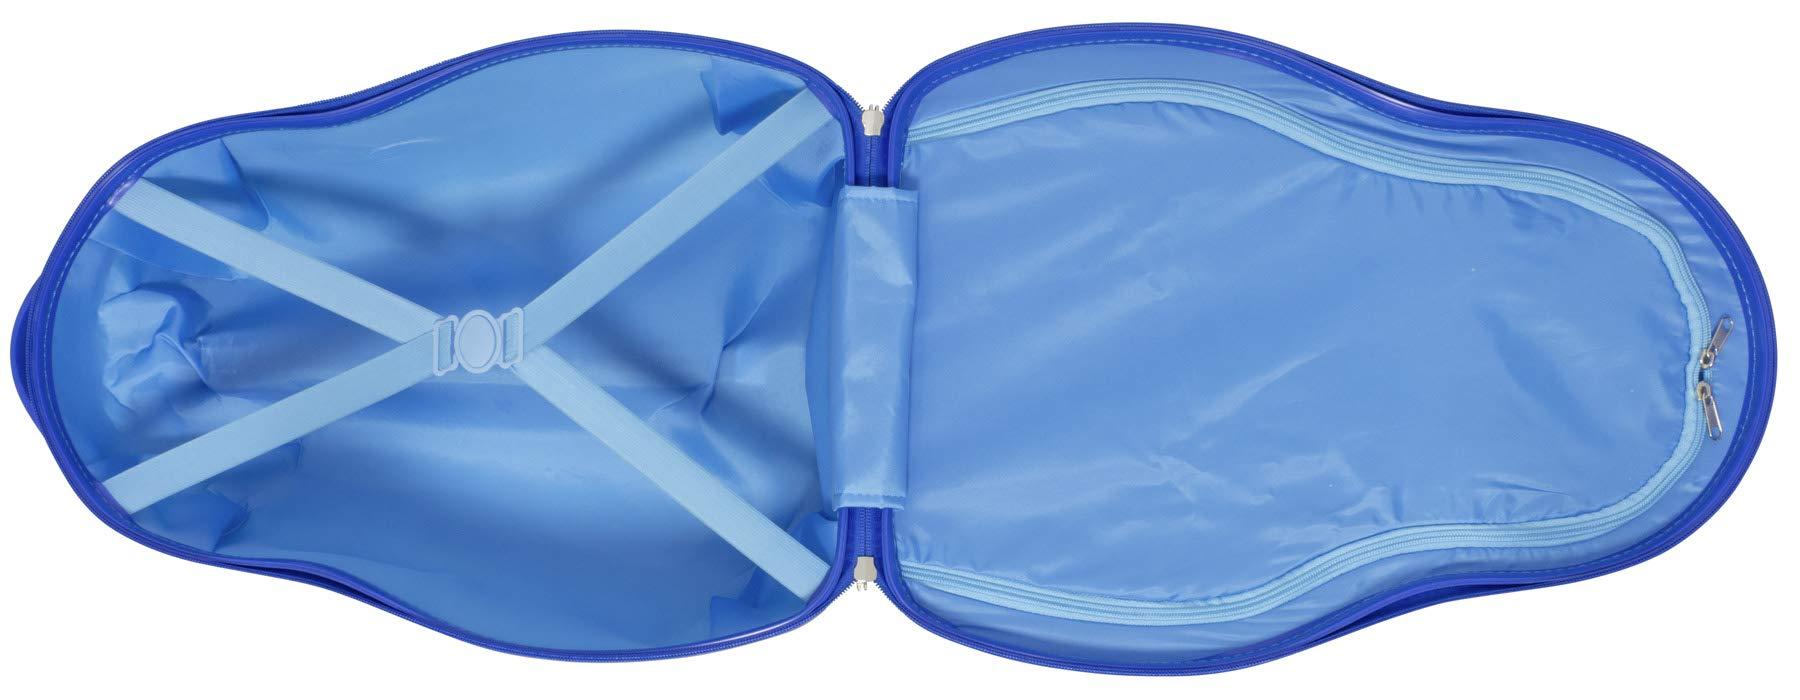 Trendyshop365-Kinder-Koffer-Hartschale-2-LED-Rder-Handgepck-Jungen-und-Mdchen